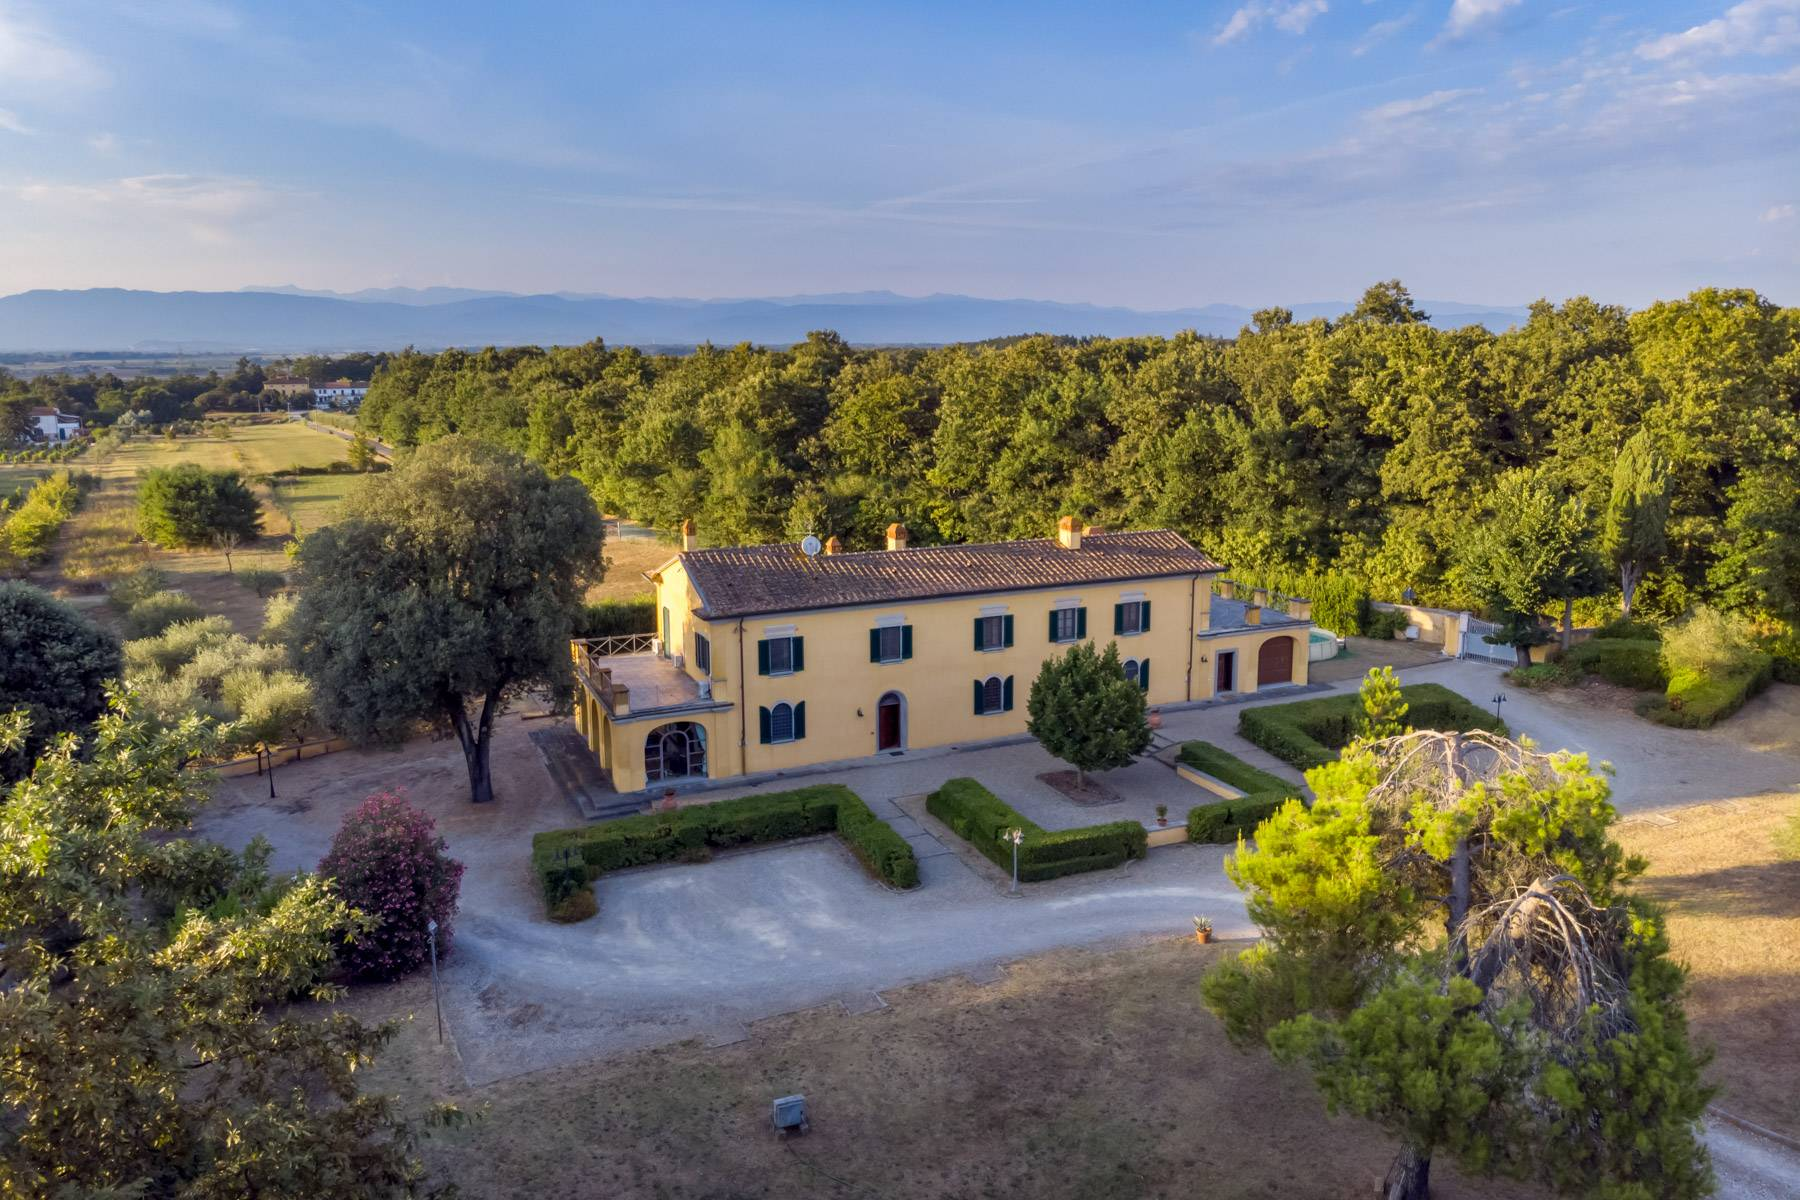 Villa in Vendita a Bientina: 5 locali, 500 mq - Foto 28